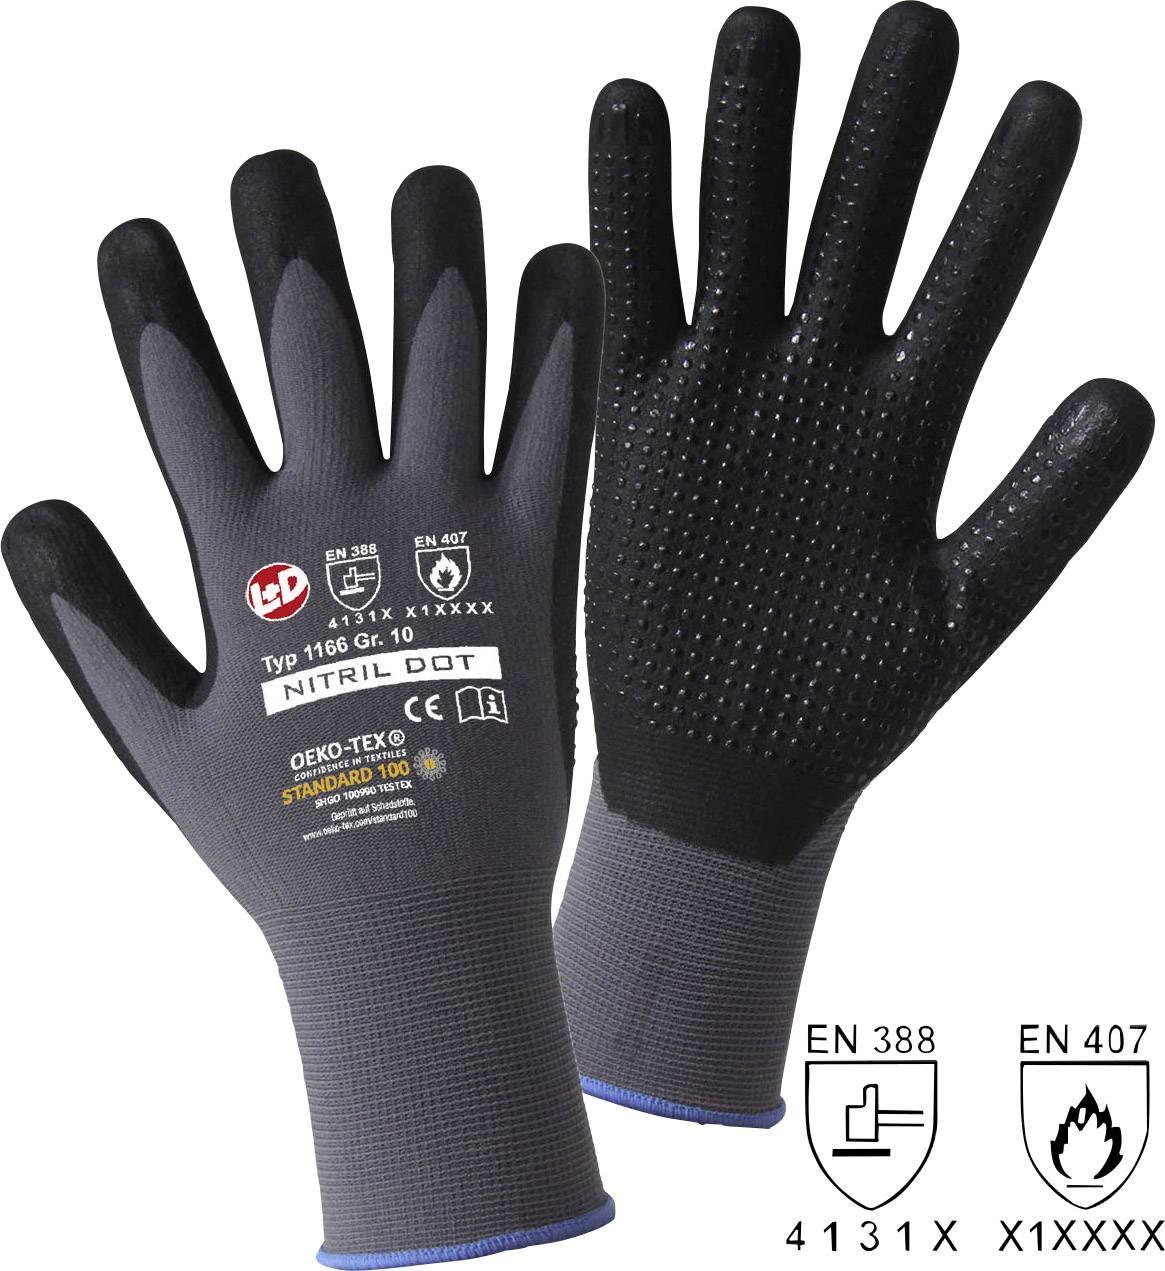 Pracovní rukavice L+D NITRIL DOT 1166, velikost rukavic: 10, XL